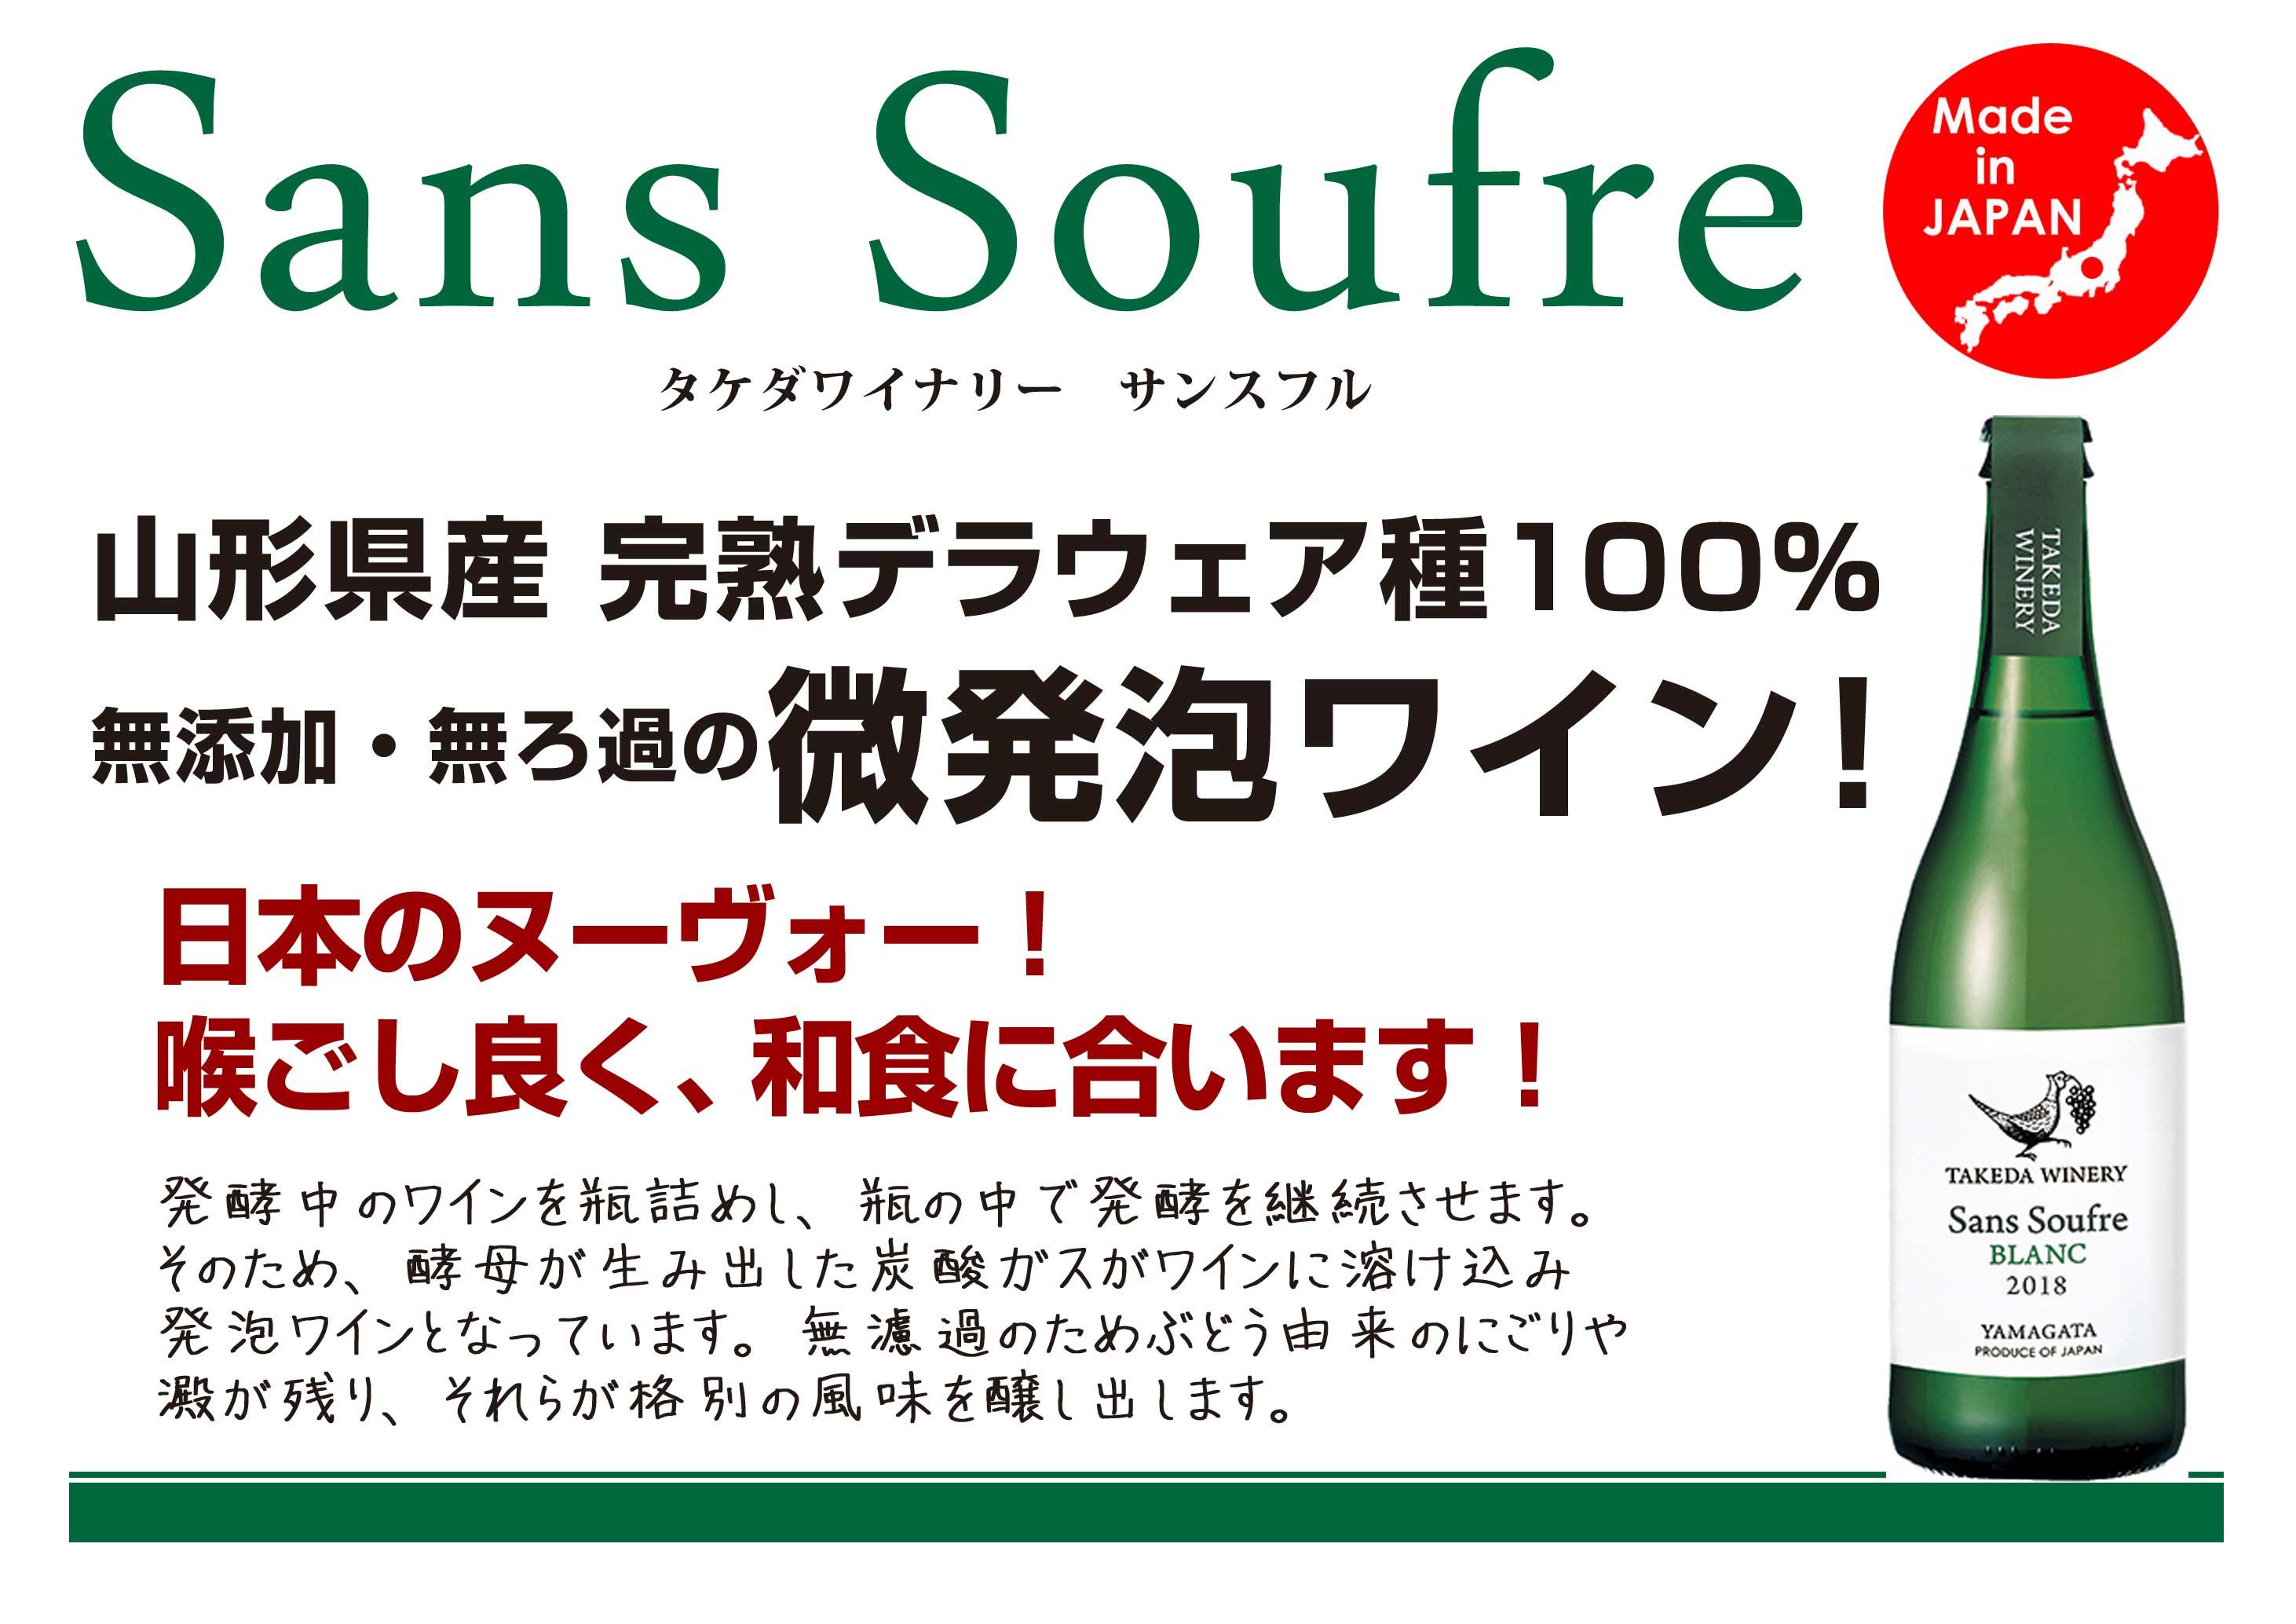 酸化防止剤無添加のデイリーワイン『タケダ・サンスフル』